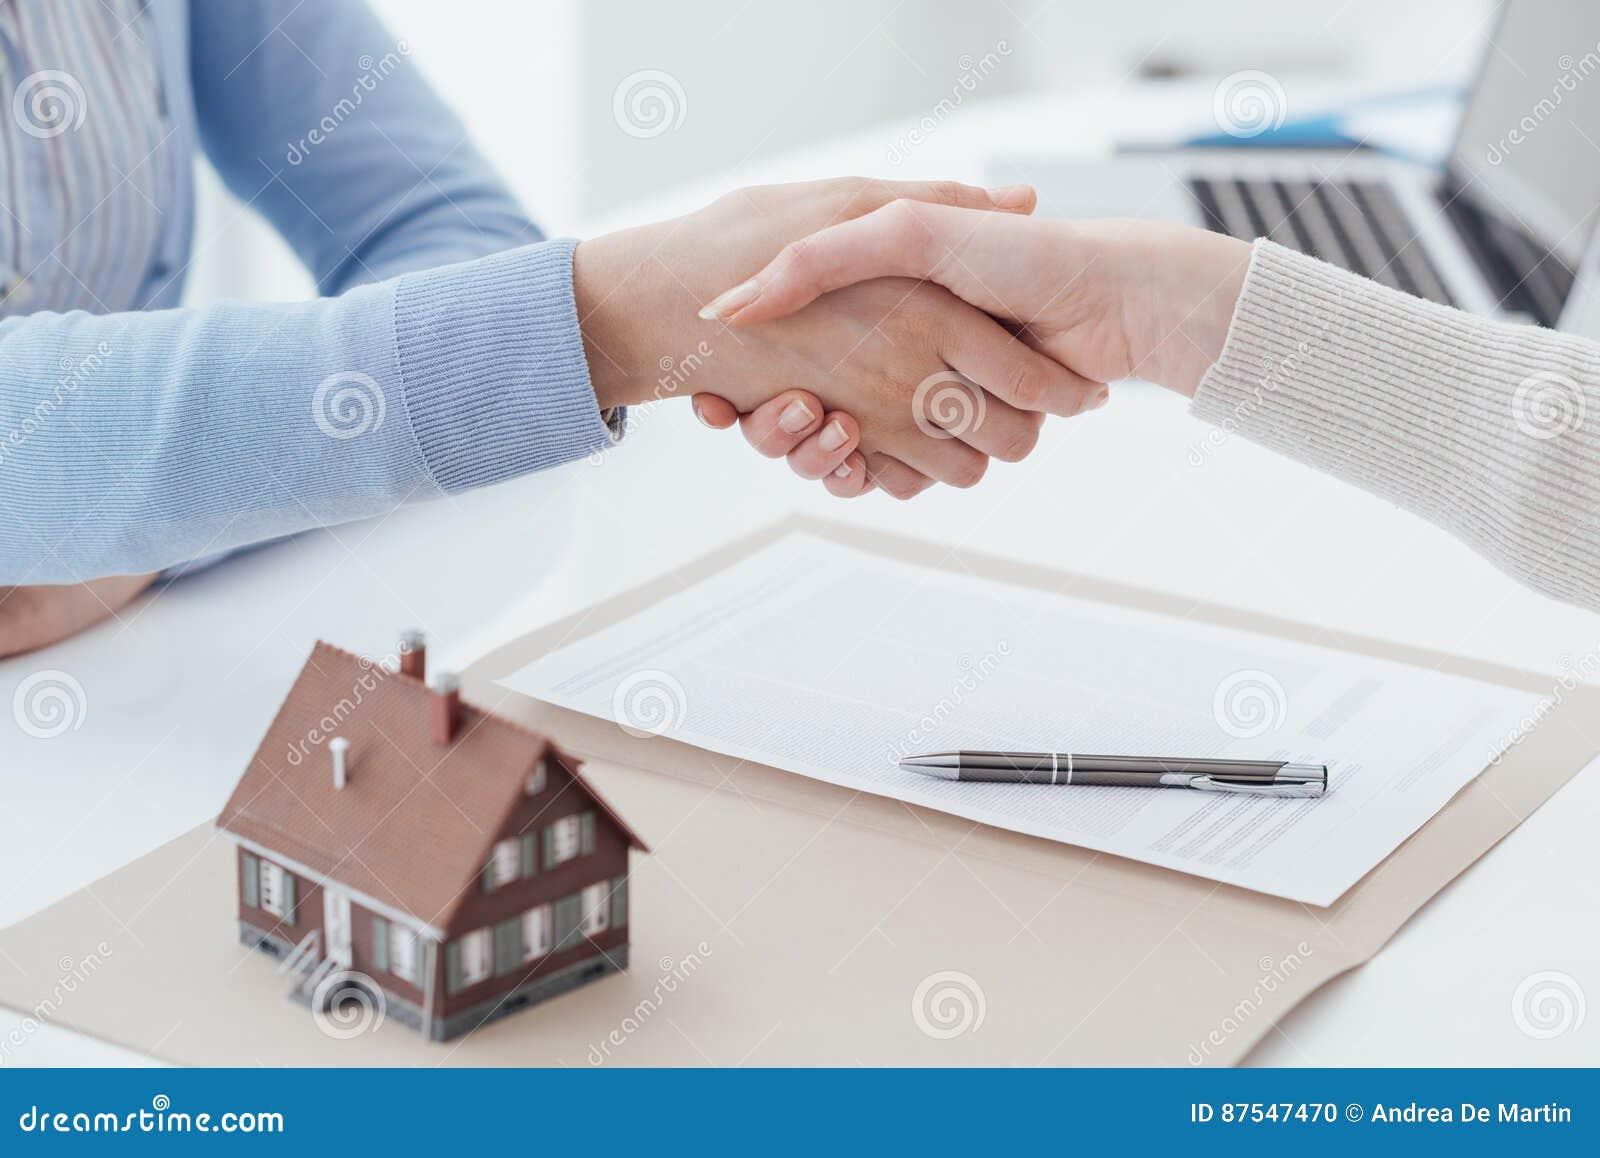 Kredyt mieszkaniowy i ubezpieczenie